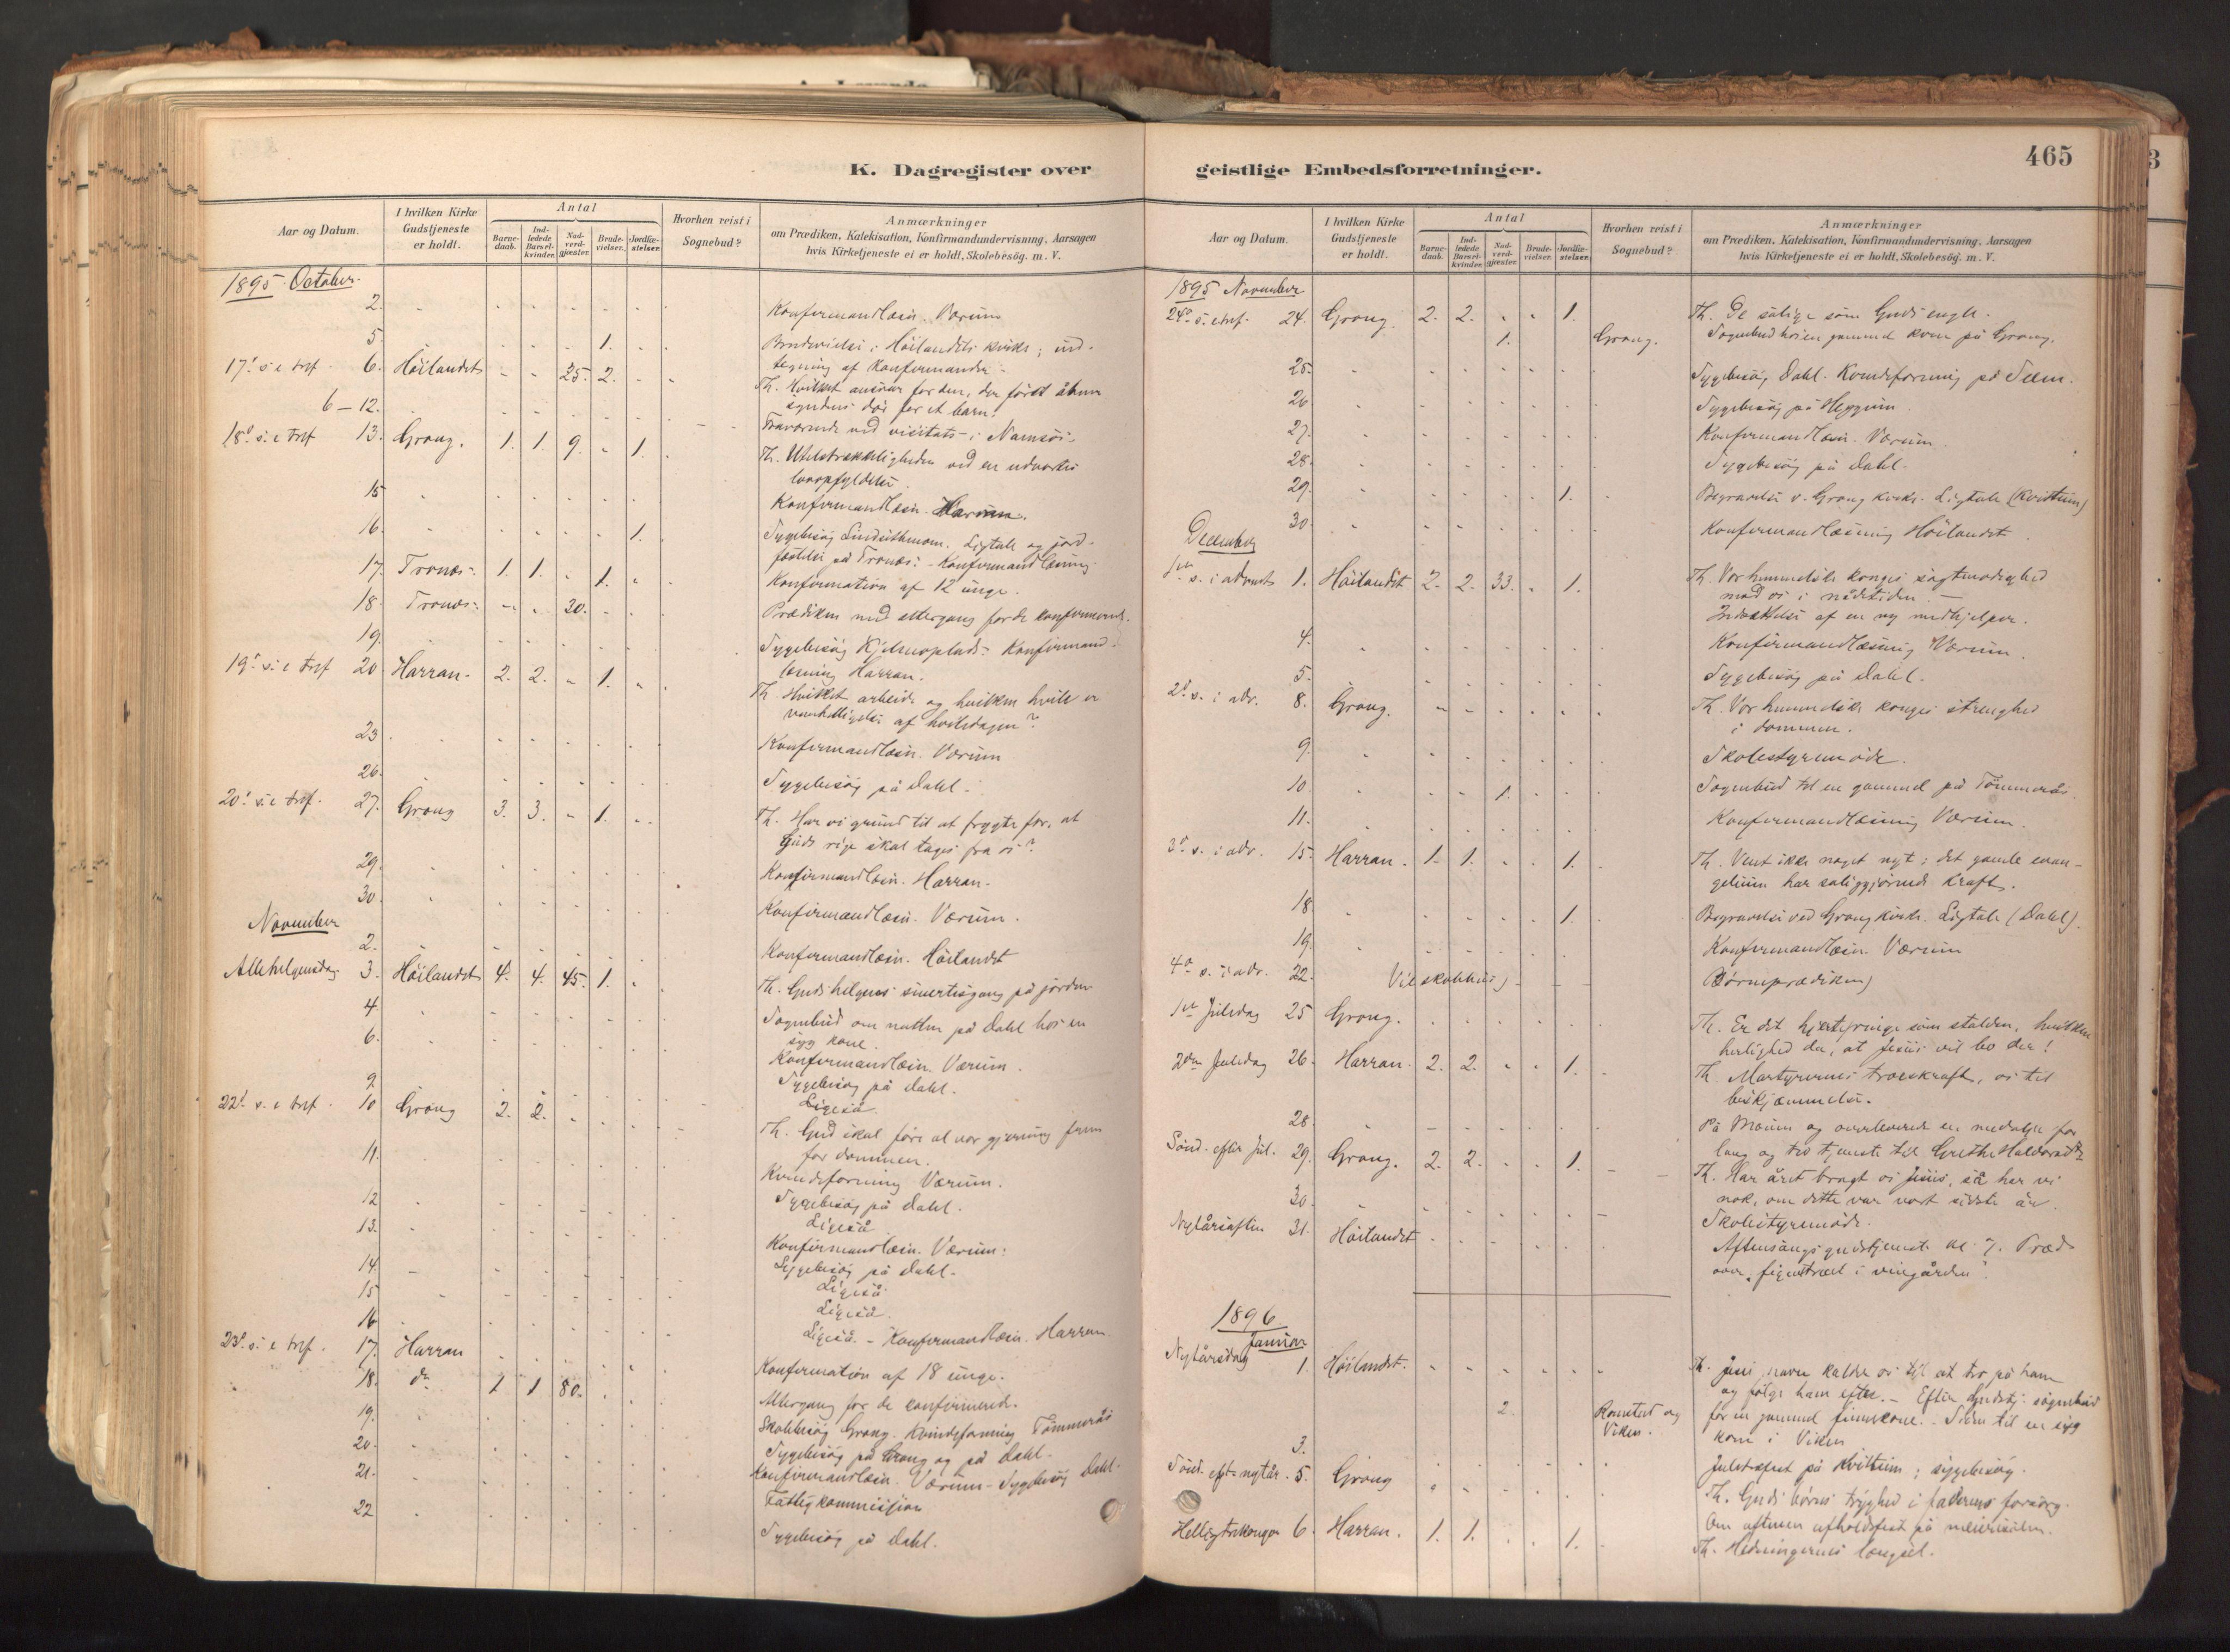 SAT, Ministerialprotokoller, klokkerbøker og fødselsregistre - Nord-Trøndelag, 758/L0519: Ministerialbok nr. 758A04, 1880-1926, s. 465